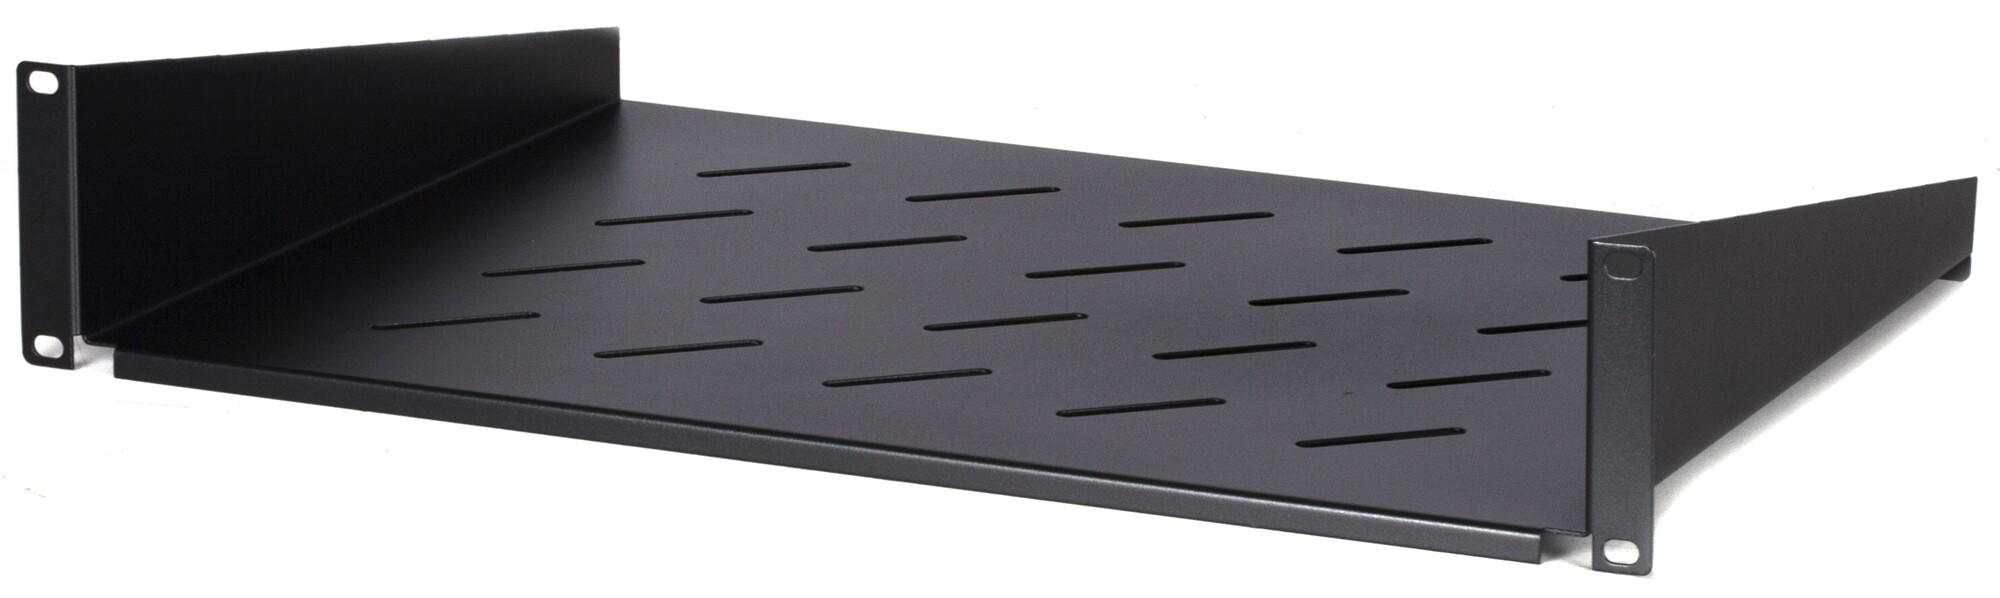 Afbeelding van 2U Universeel legbord voor max 600mm diepe wandkasten, 350mm diep (max. 15 kg)